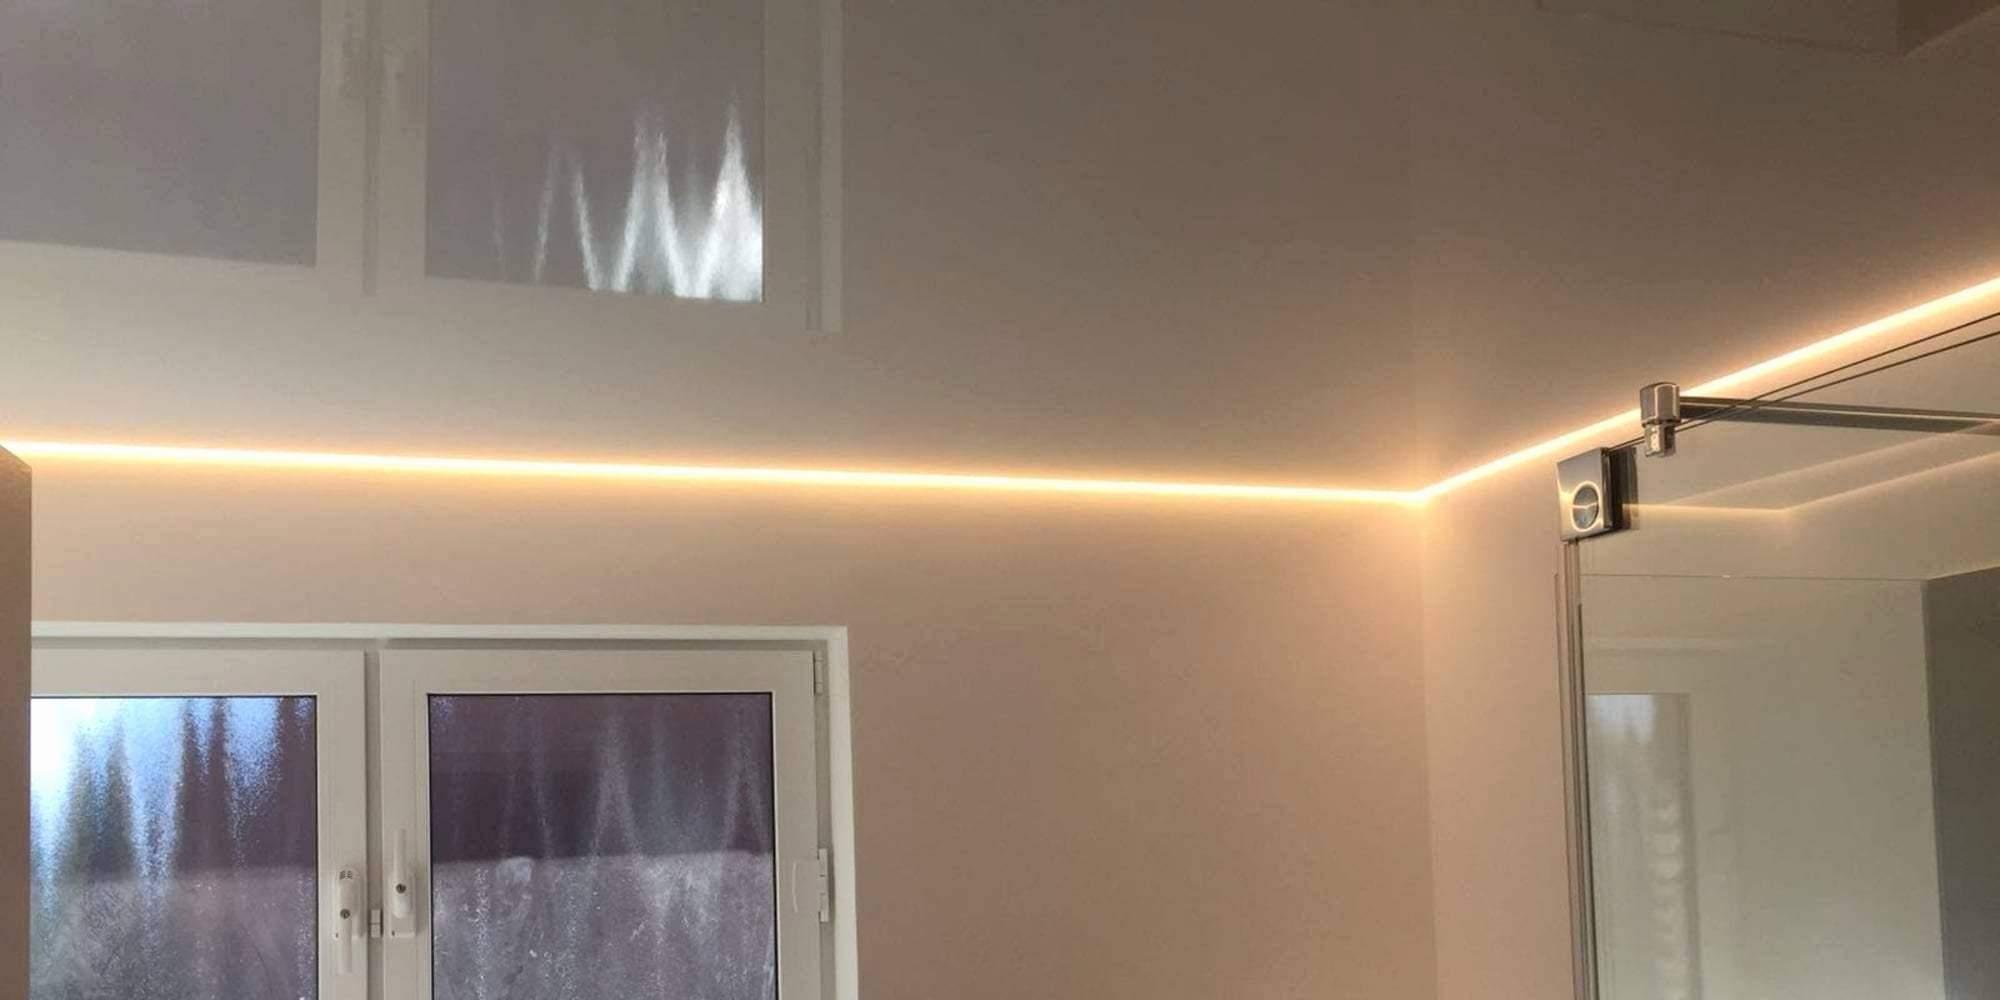 Full Size of Indirekte Beleuchtung Decke Selber Bauen 27 Neu Deckenbeleuchtung Wohnzimmer Luxus Fenster Lampe Badezimmer Neue Einbauen Deckenleuchte Bad Dusche Regale Wohnzimmer Indirekte Beleuchtung Decke Selber Bauen